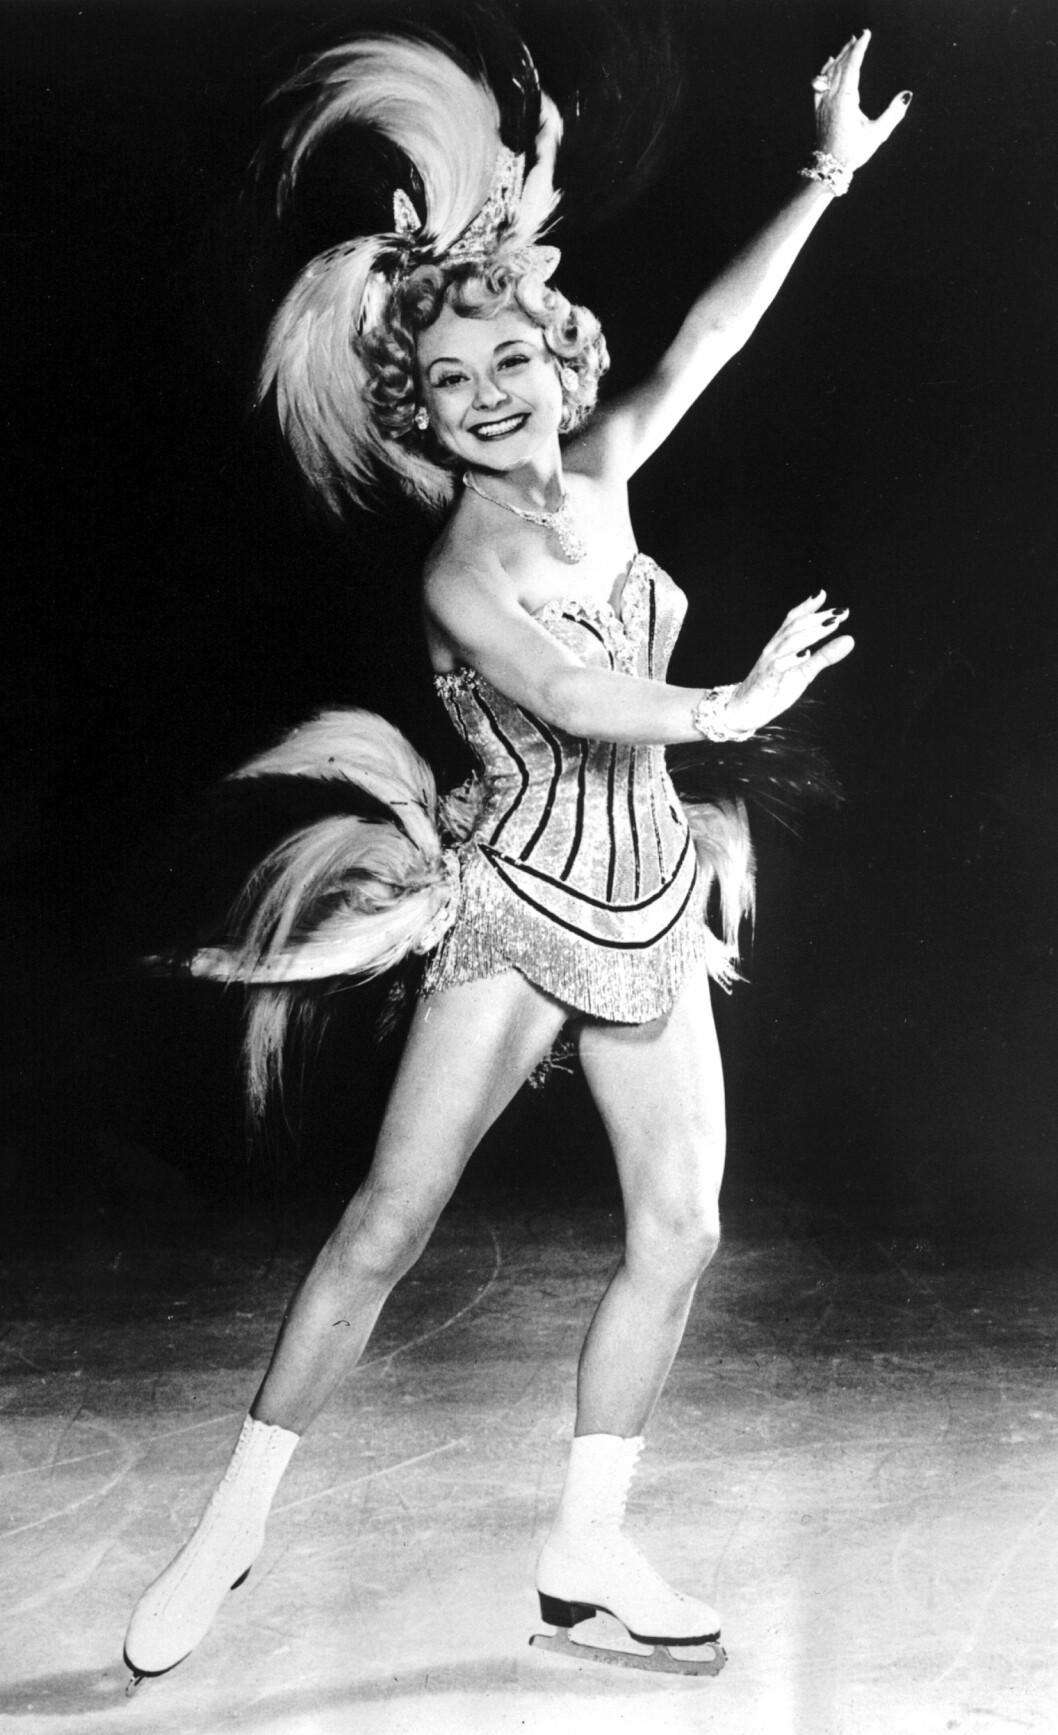 <strong>BLE 57 ÅR:</strong> Den 12. oktober 1969 døde Sonja Henie om bord på et fly mellom Paris og Oslo. Året i forveien hadde hun fått diagnosen leukemi. Dette bildet er fra 1953. FOTO: NTB Scanpix